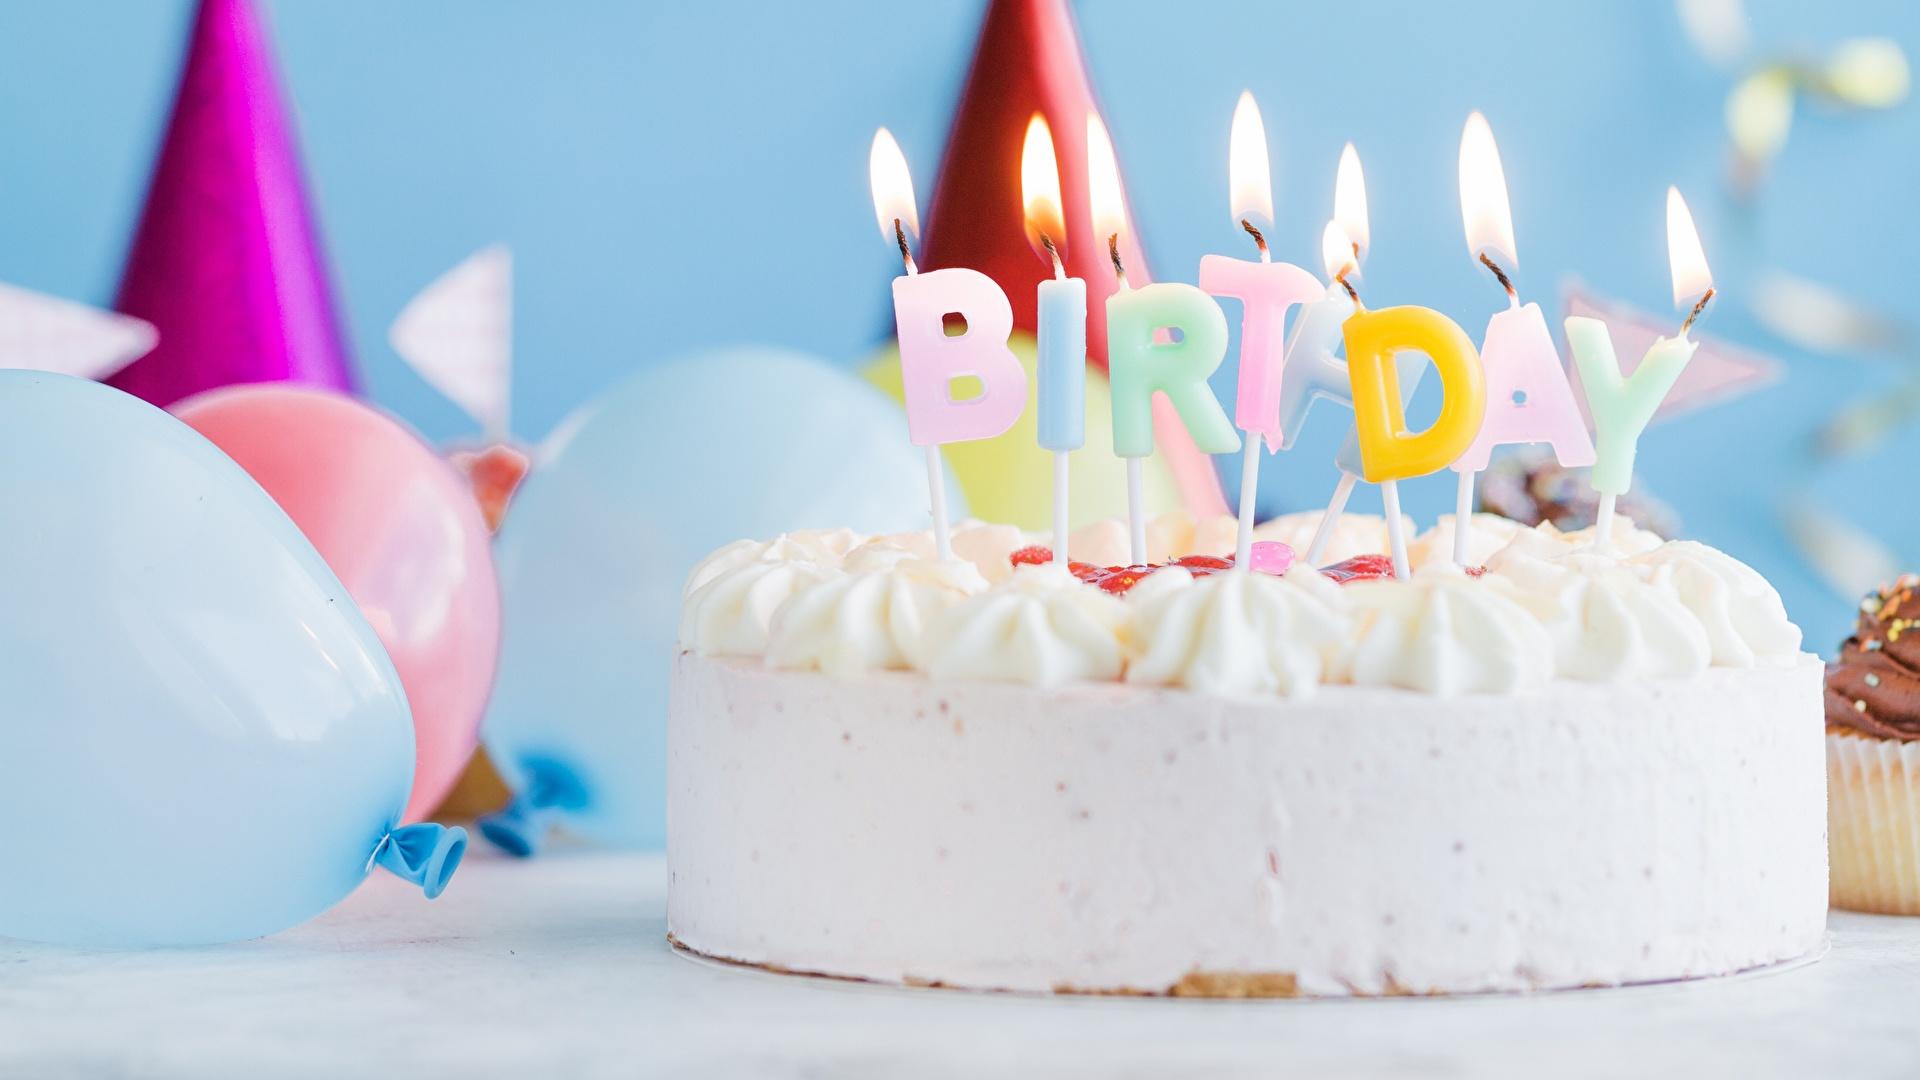 Картинка День рождения Торты Пламя Пища Свечи 1920x1080 Огонь Еда Продукты питания